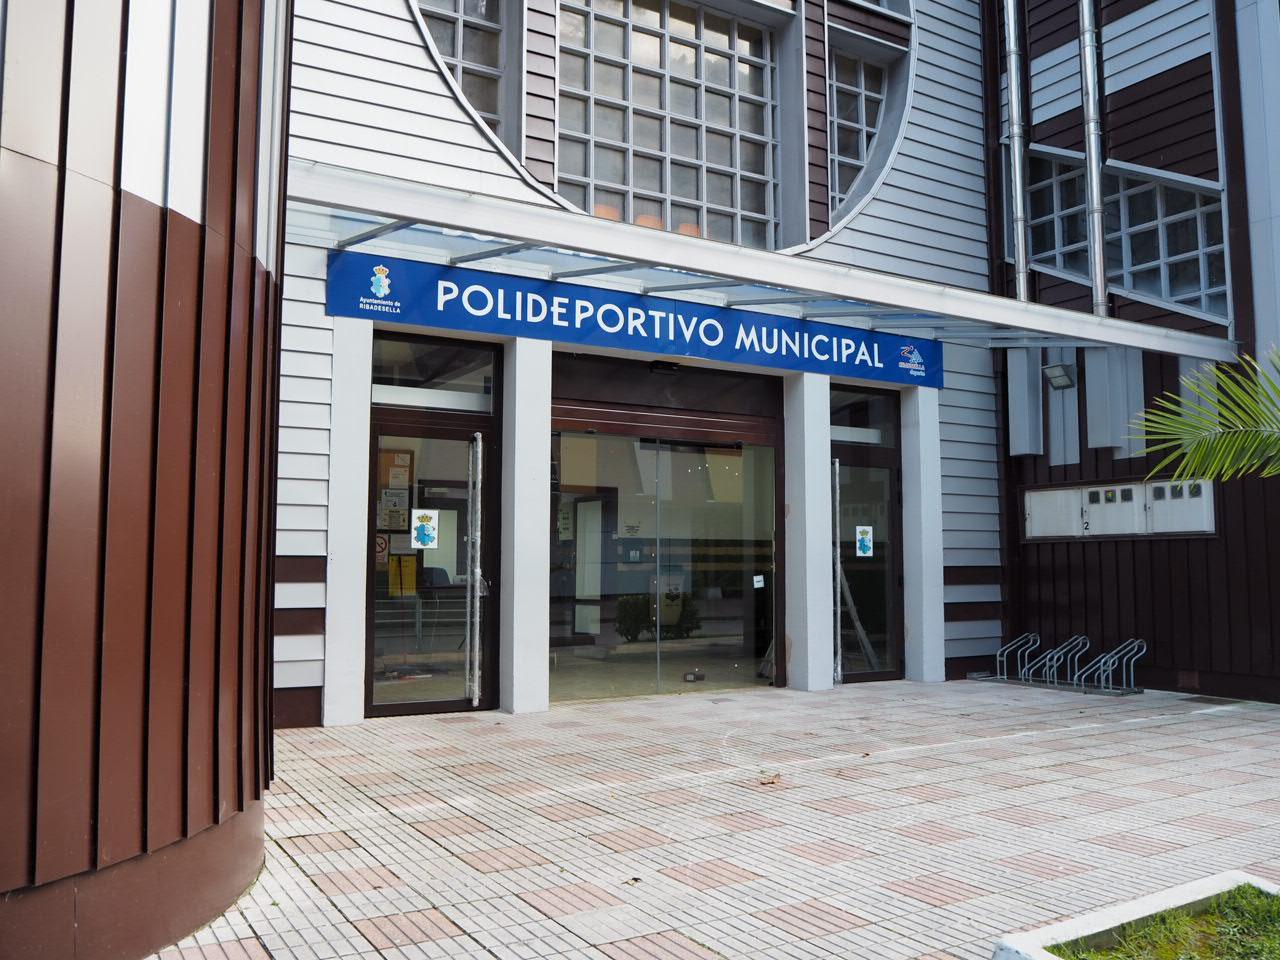 El Polideportivo riosellano se prepara para reanudar su plena actividad seis meses después del forzado cierre